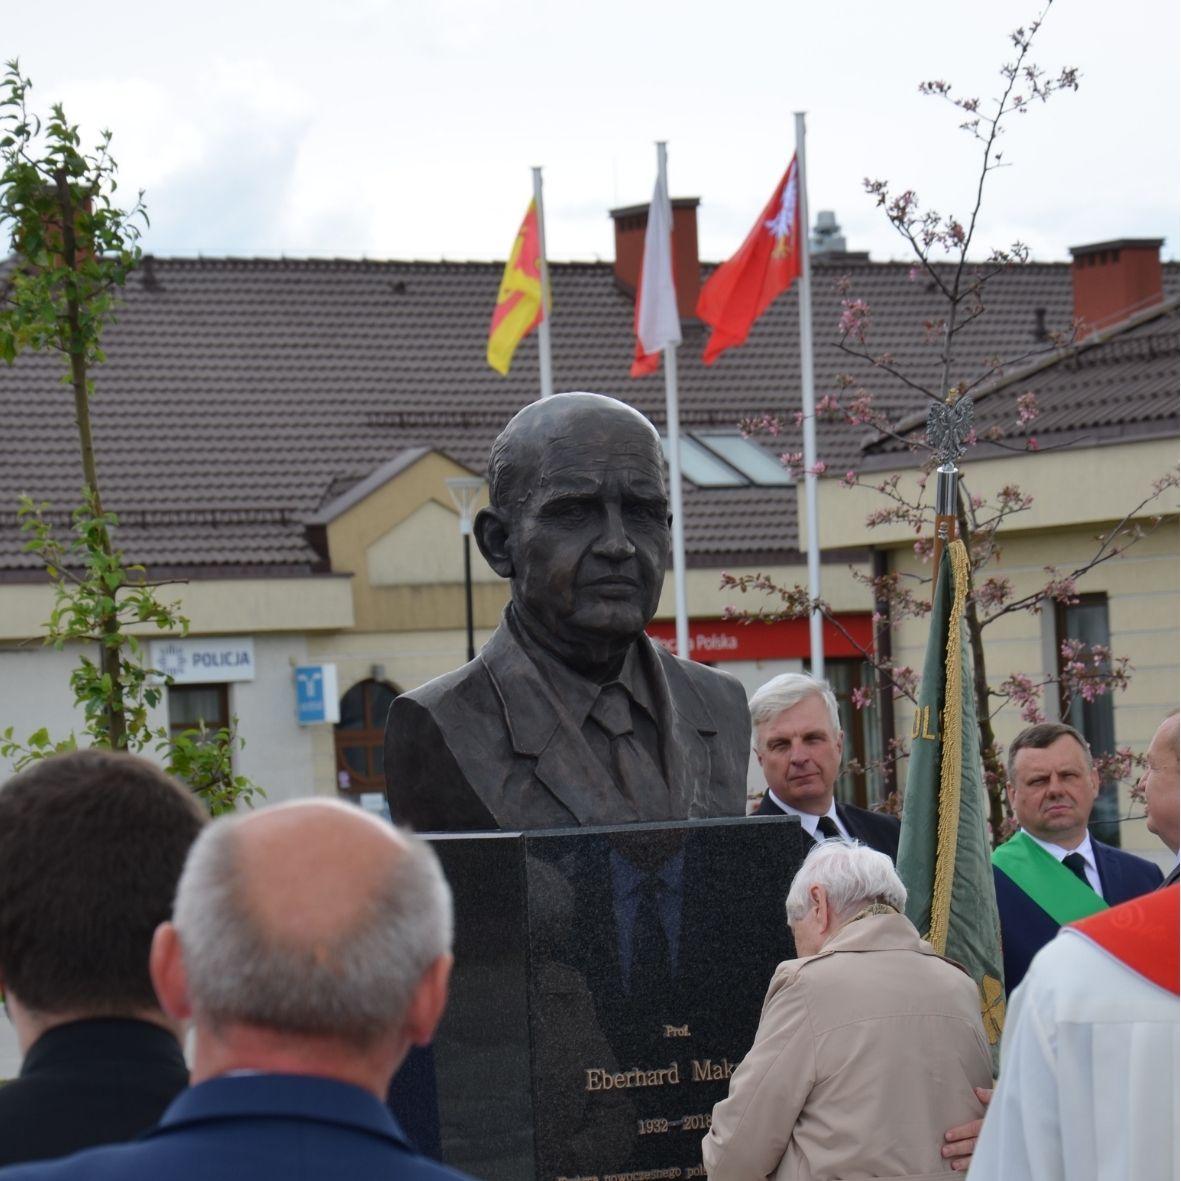 Odsłonięcie pomnika Prof. Eberharda Makosza - światowego eksperta sadownictwa